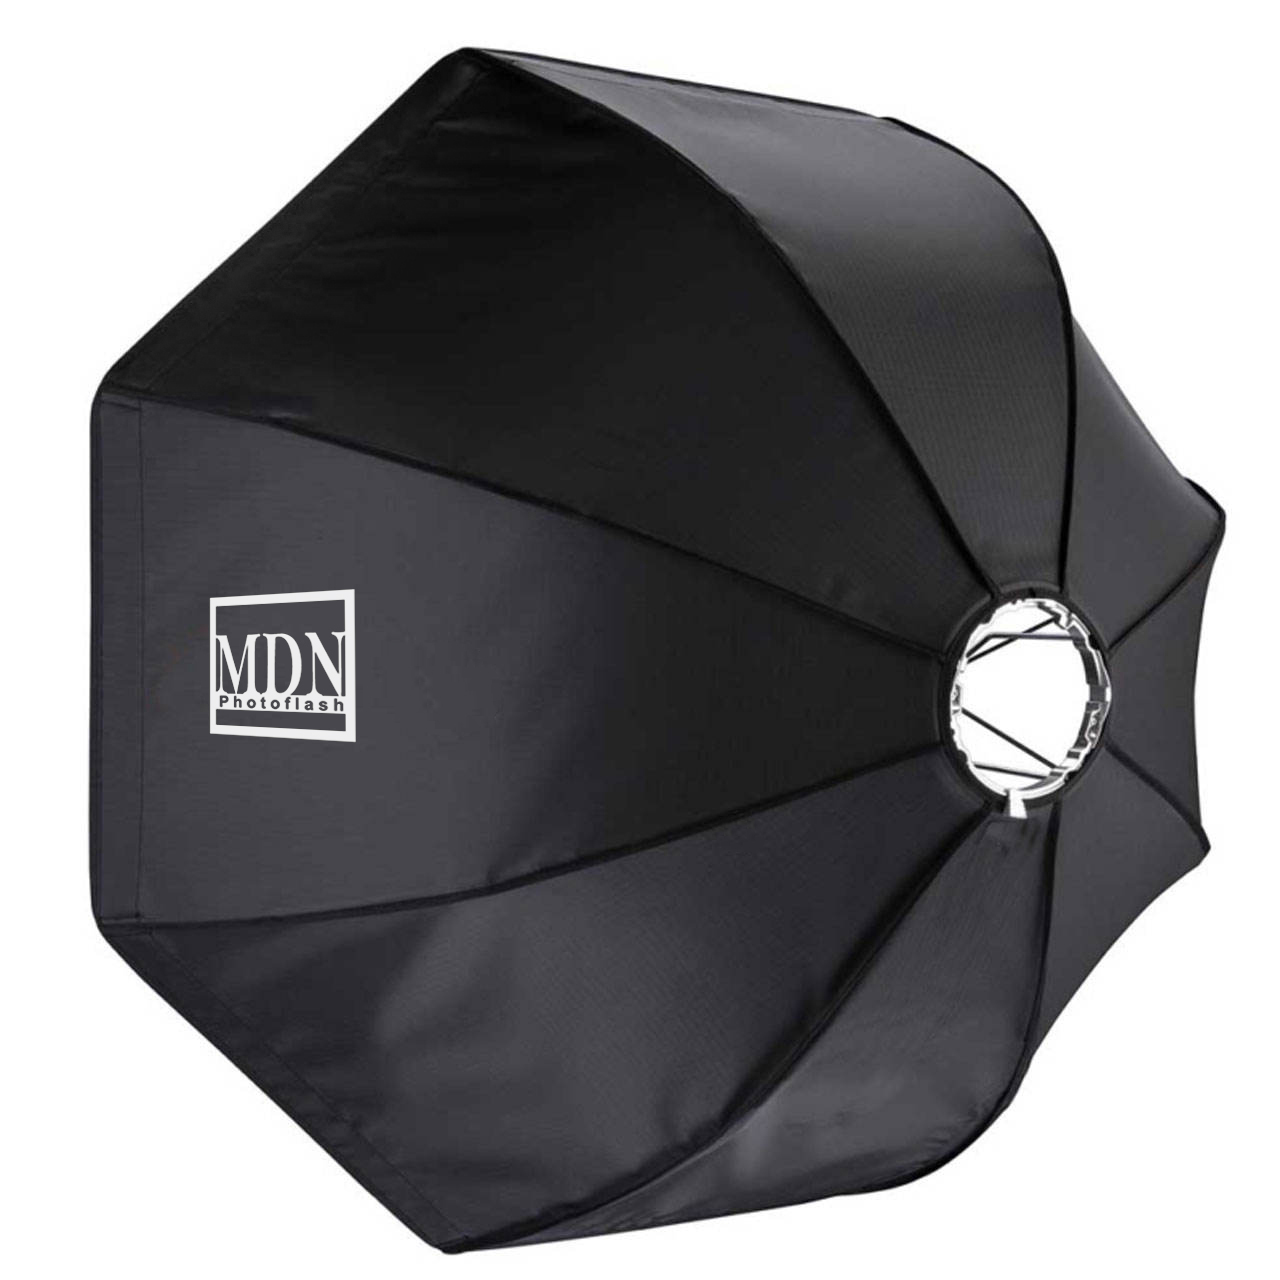 سافت باکس ام دی ان مدل Umbrella سایز 120x120 سانتی متر